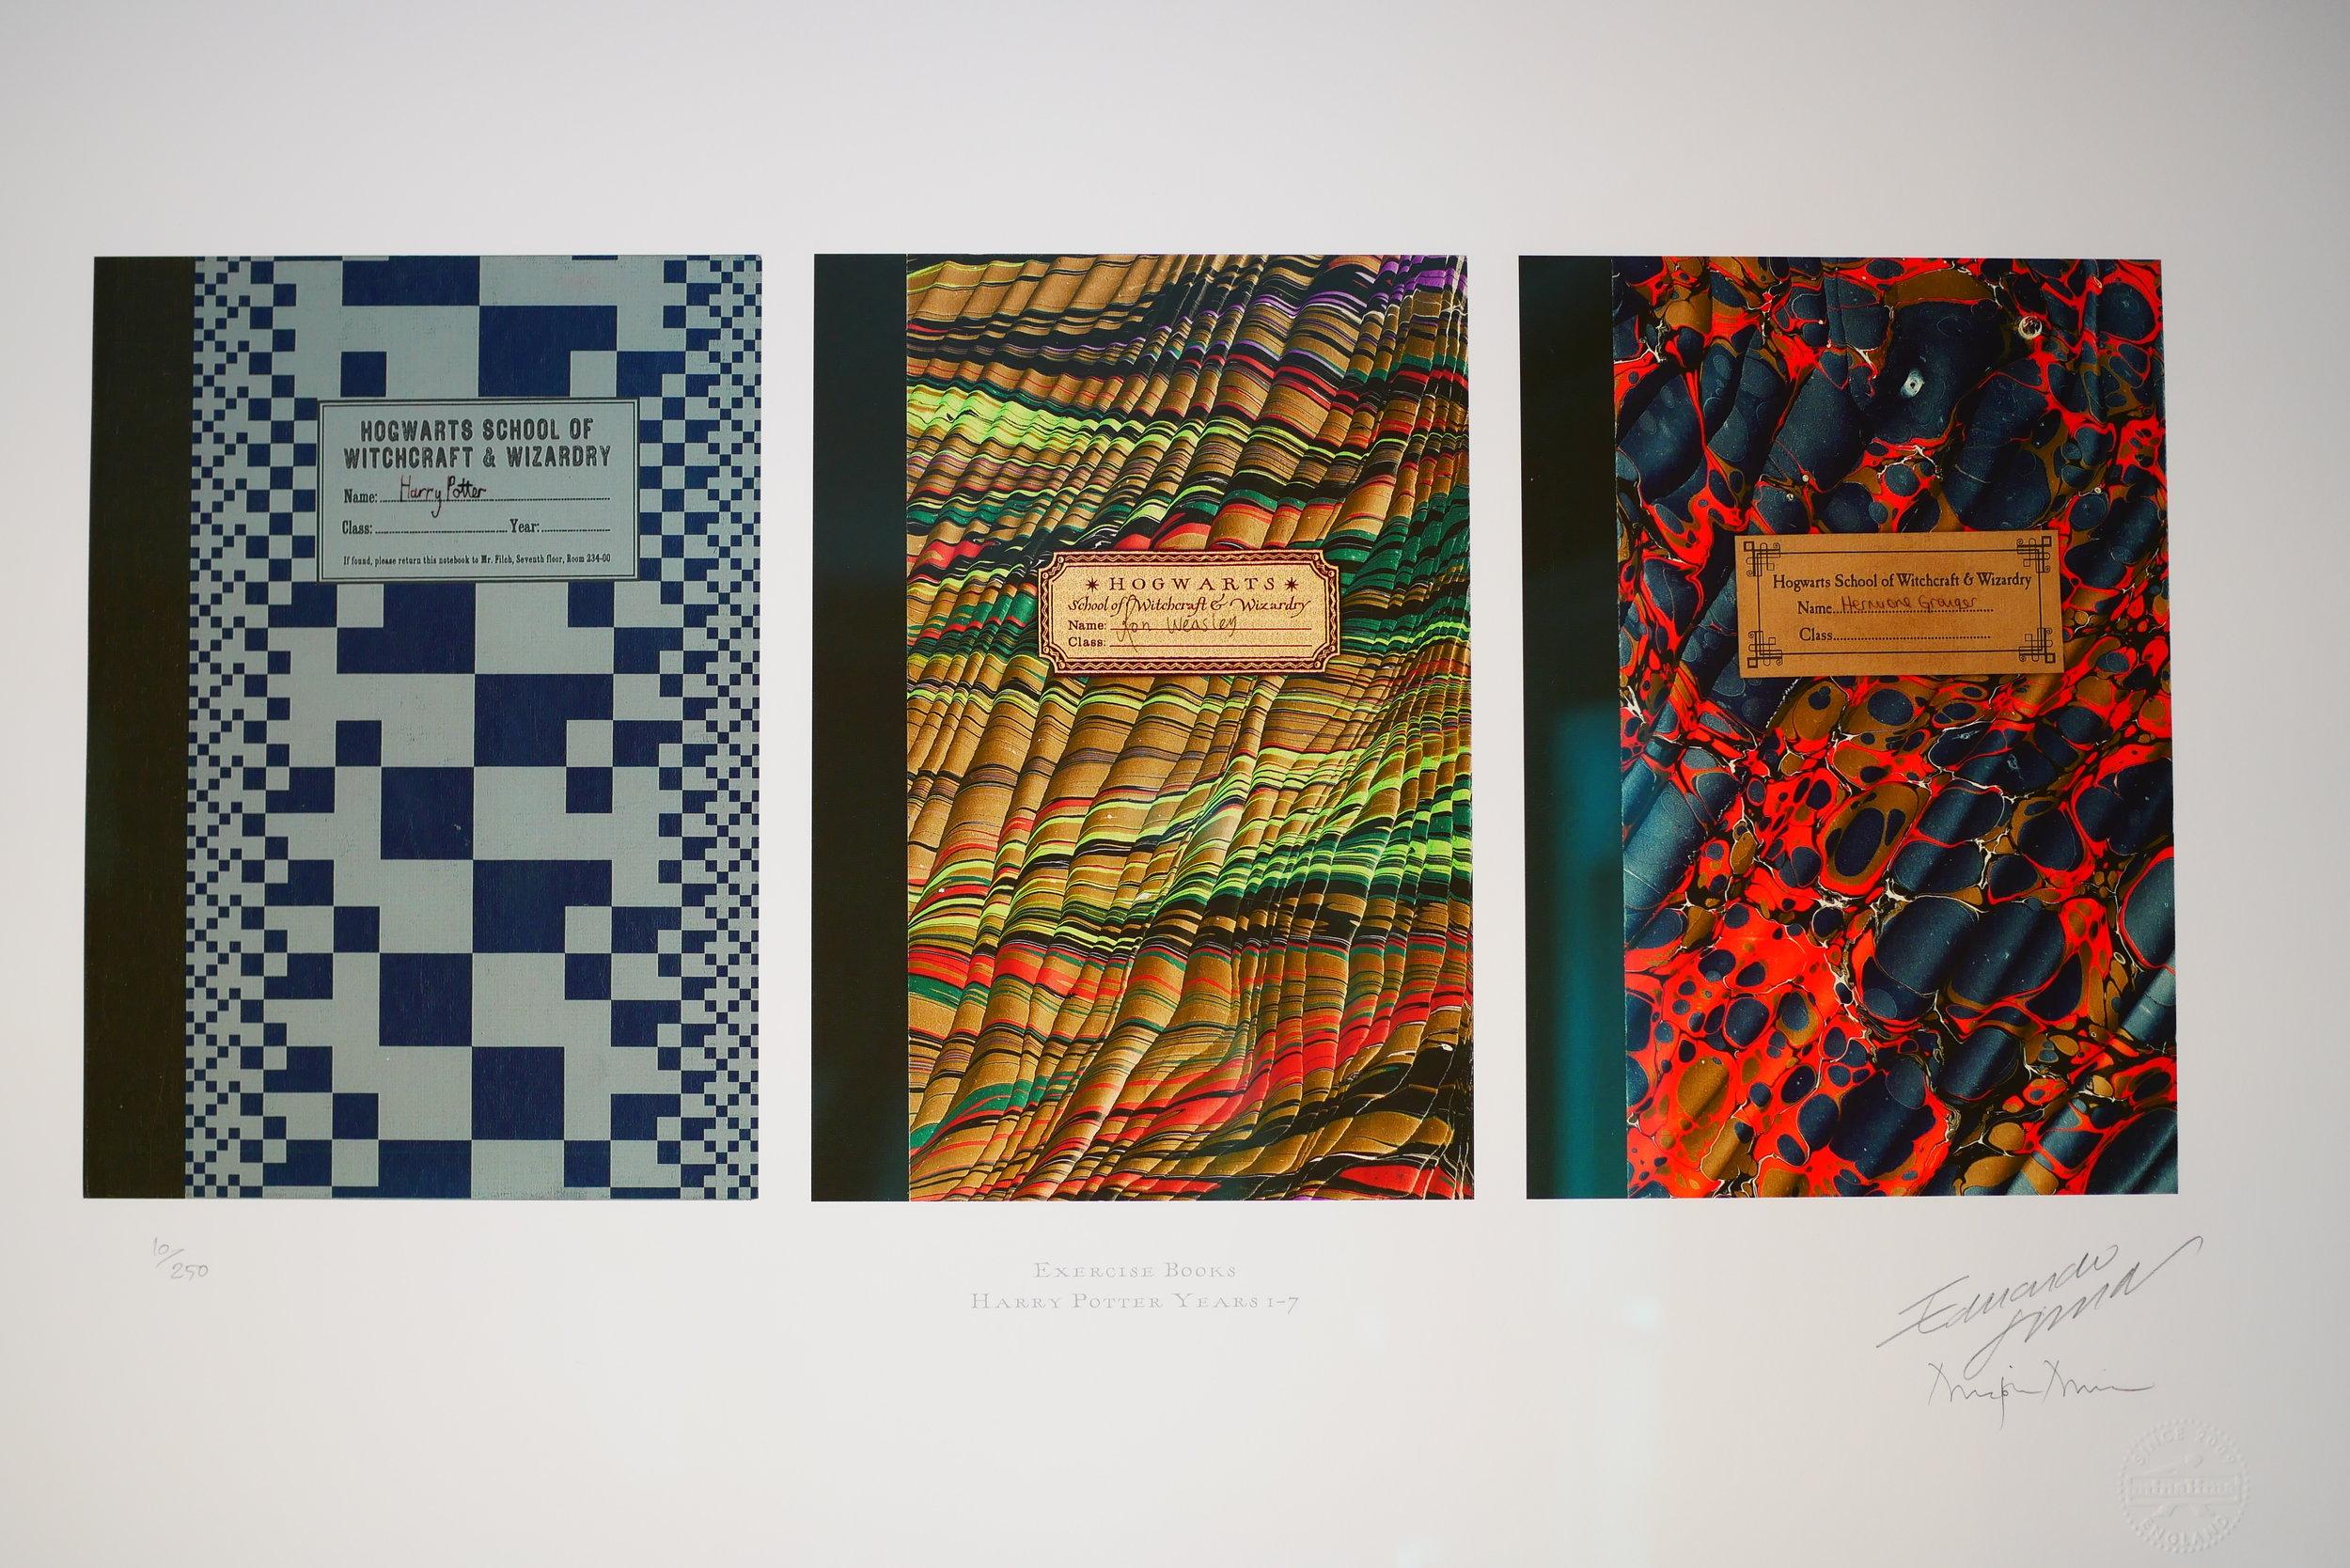 HogwartsBooks.JPG